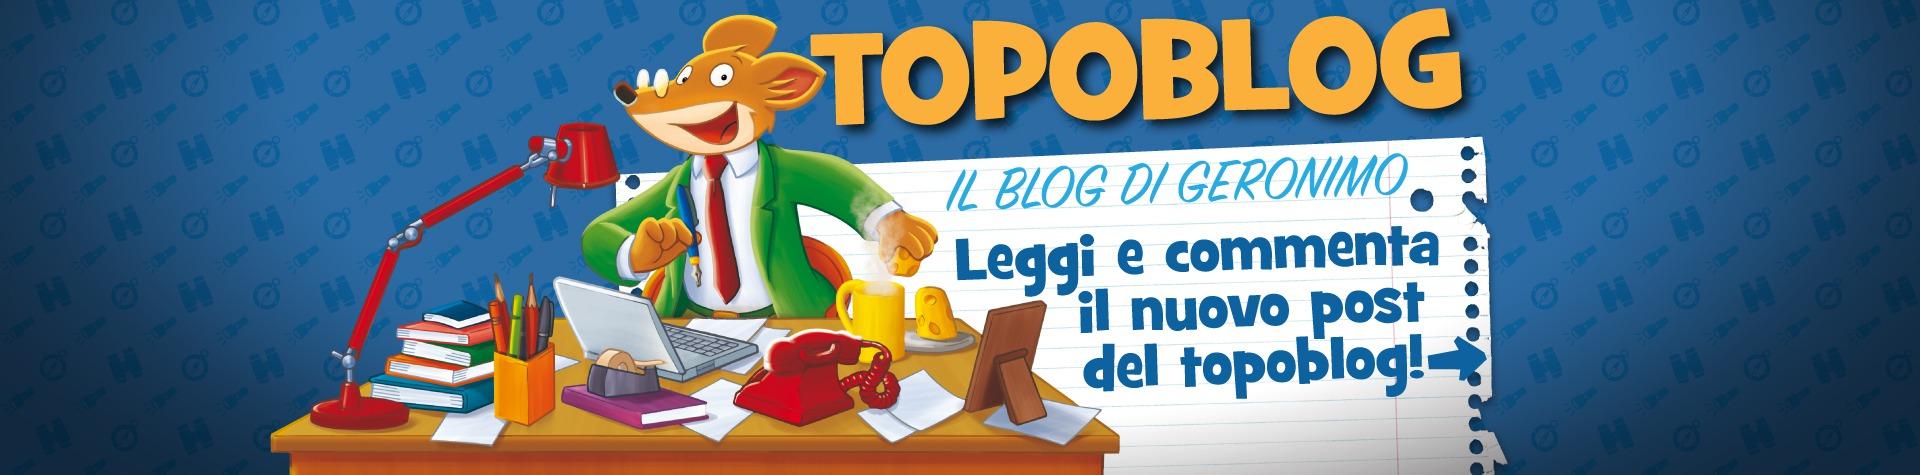 Leggi e commenta l'ultimo post del Topoblog